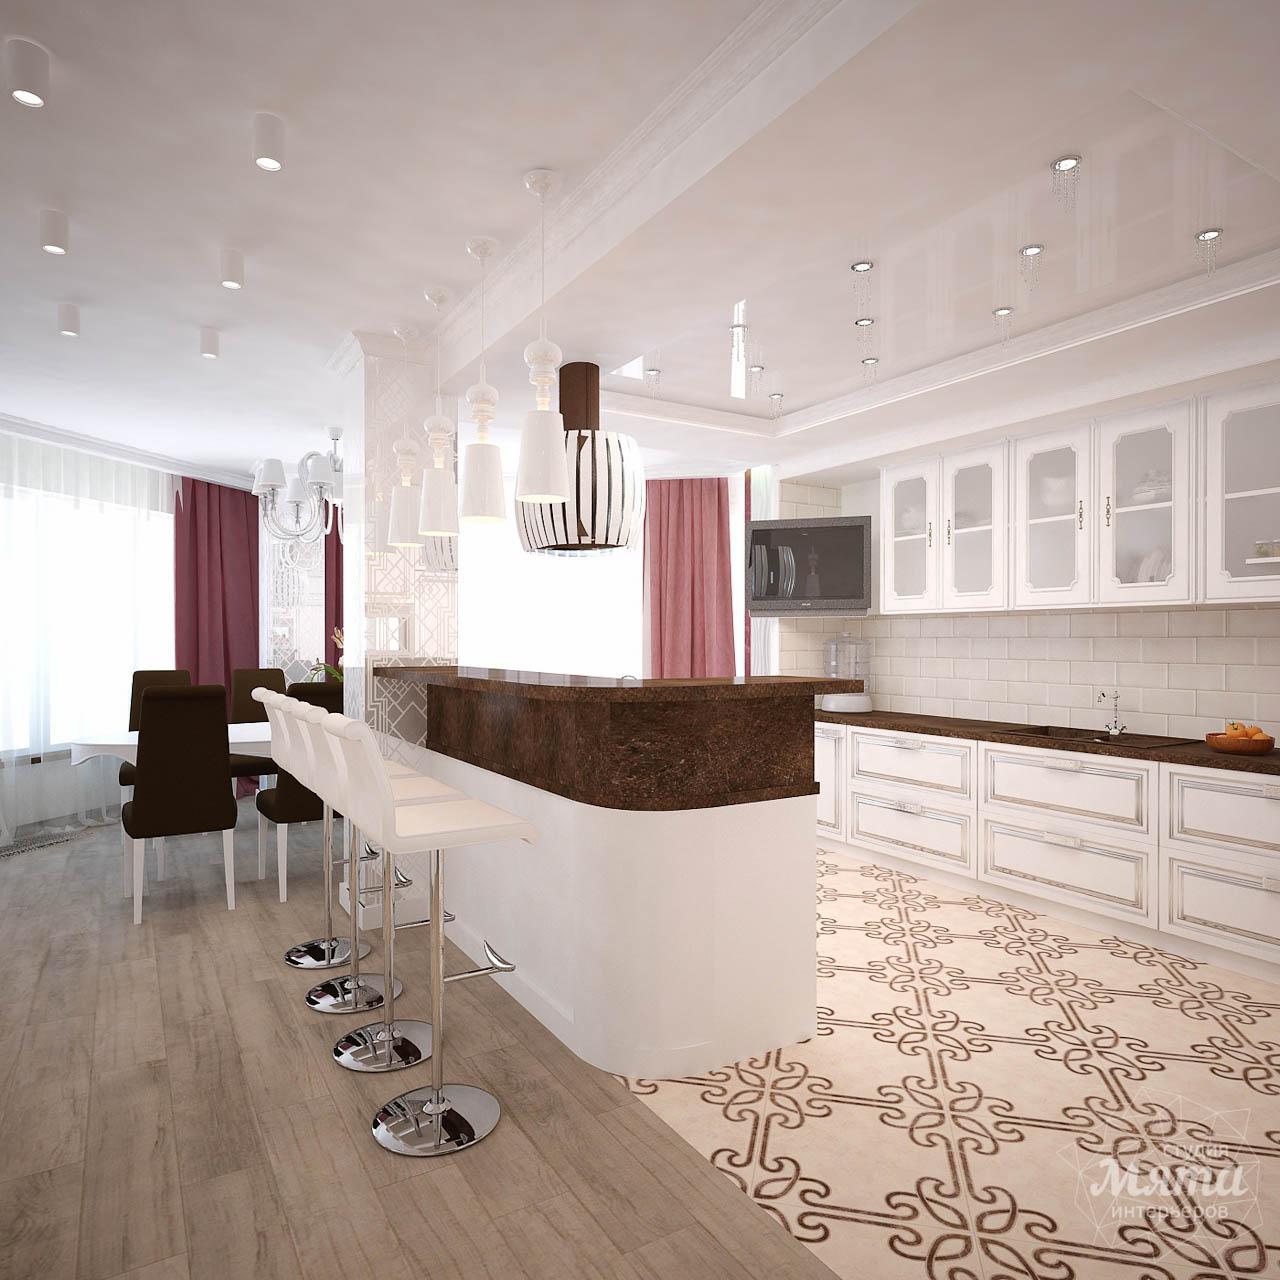 Дизайн интерьера четырехкомнатной квартиры по ул. Шевченко 18 img556059524